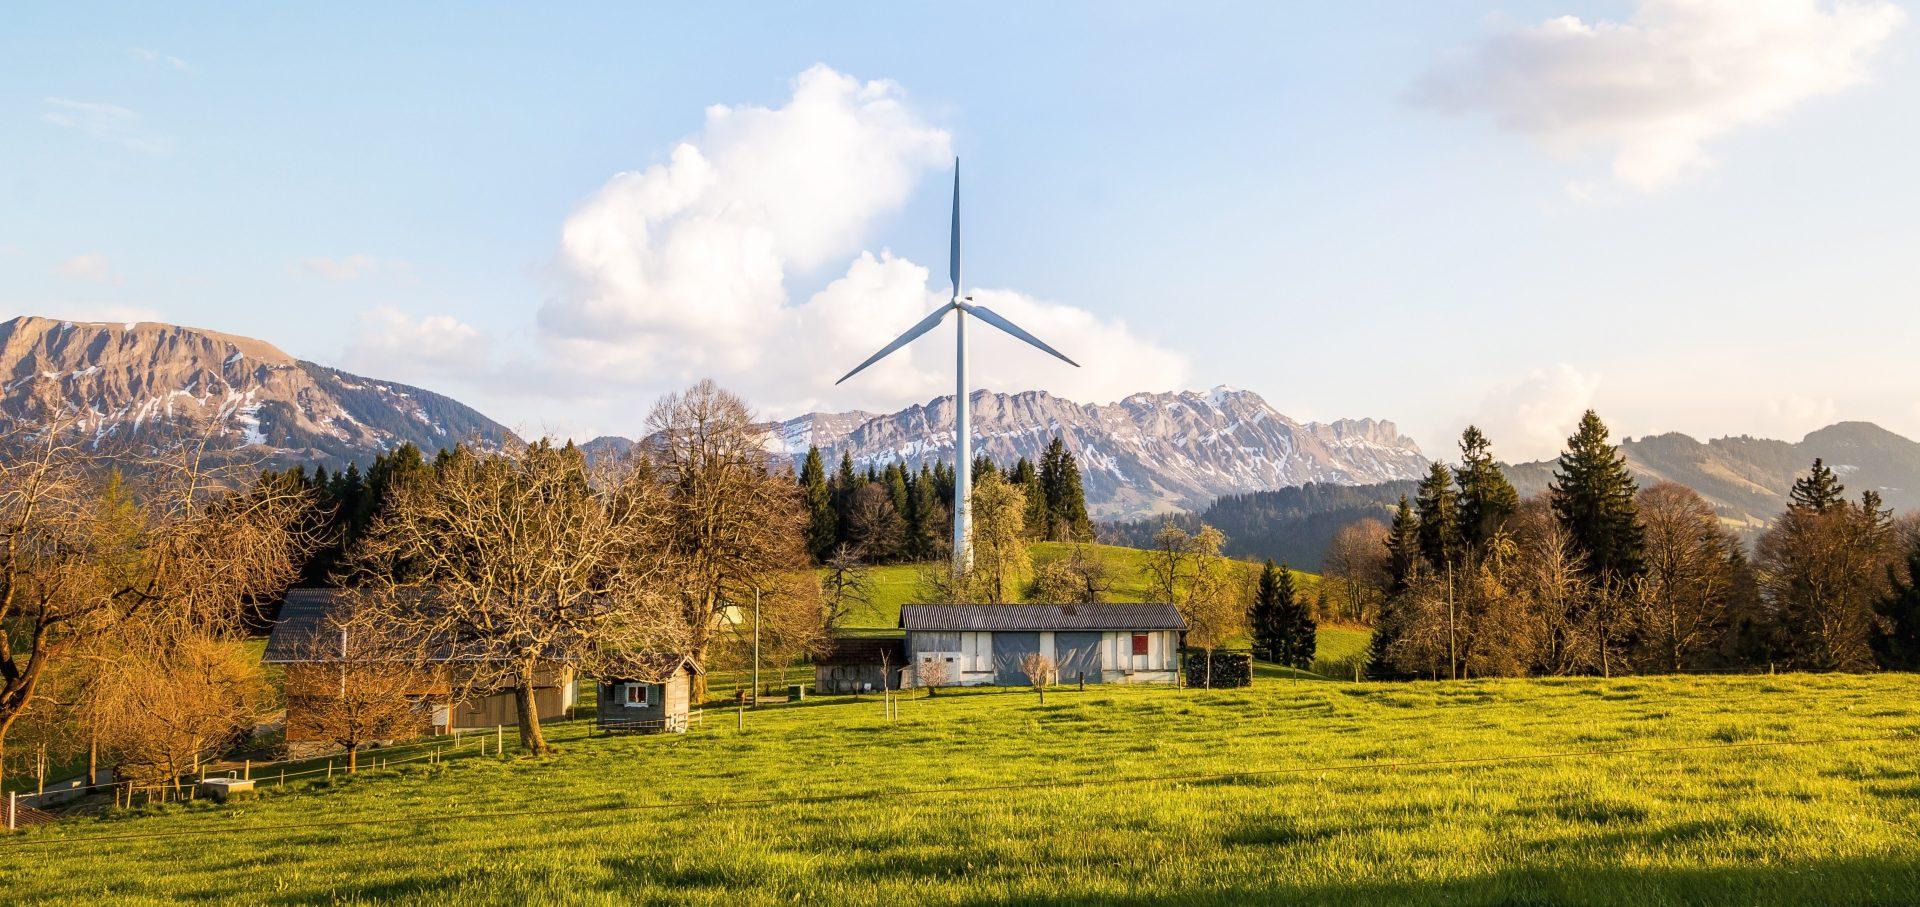 pasivny-dom-veterna-elektraren-veterny-mlyn-priroda-hory-dom-les-luka-stromy-solarny-panel